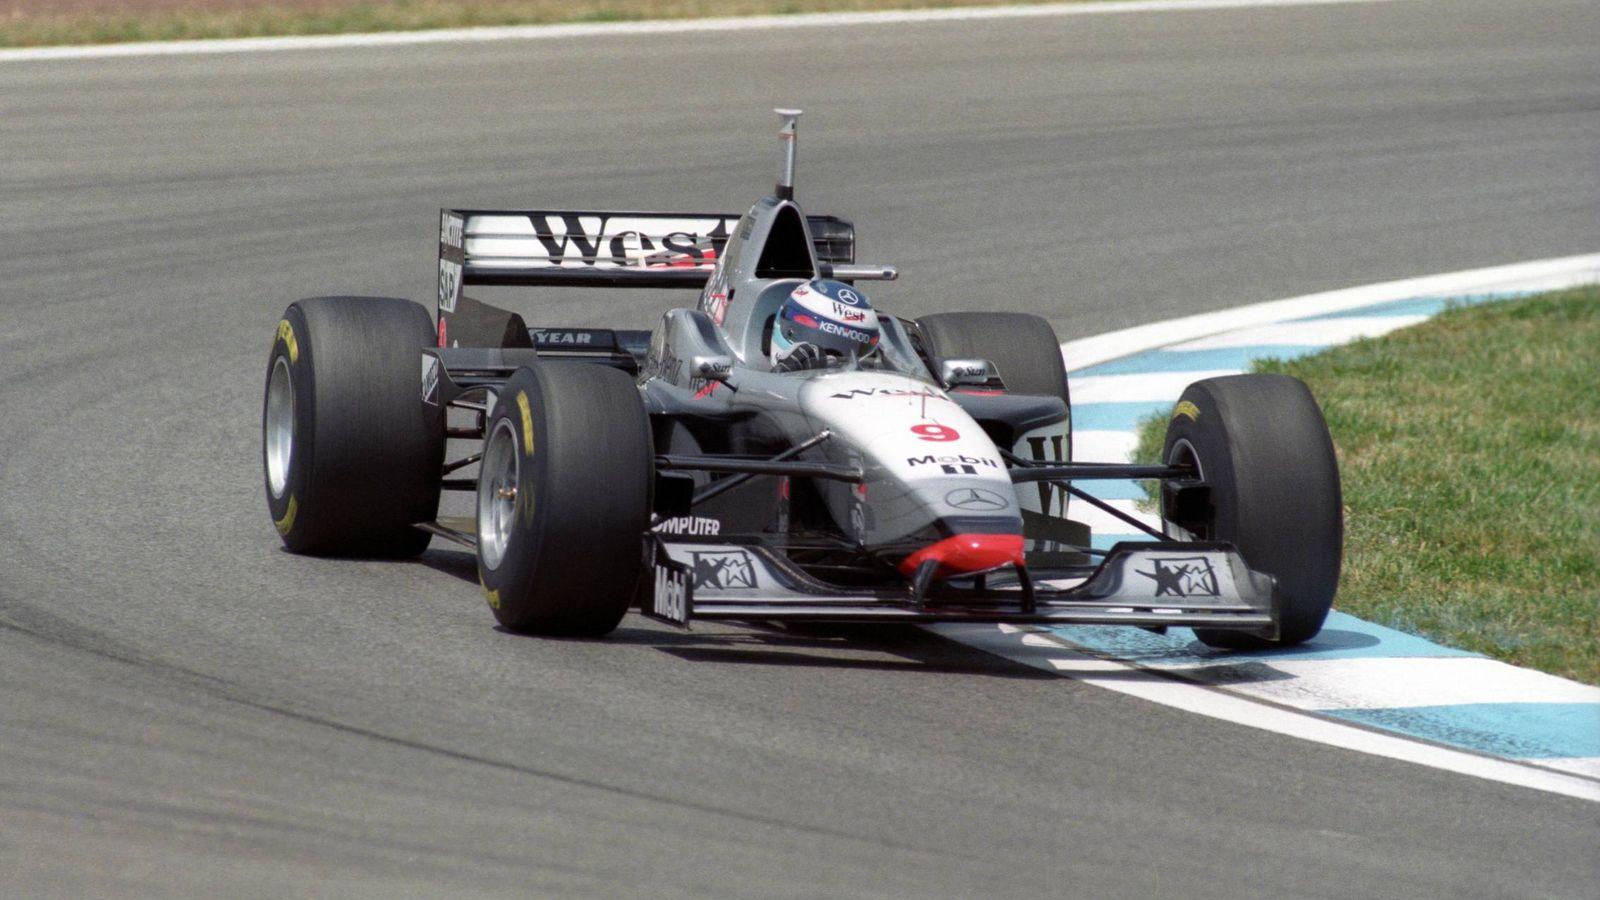 Foto: Mika Hakkinen con su McLaren-Mercedes en el Circuito de Cataluña en mayo de 1997. (Imago)